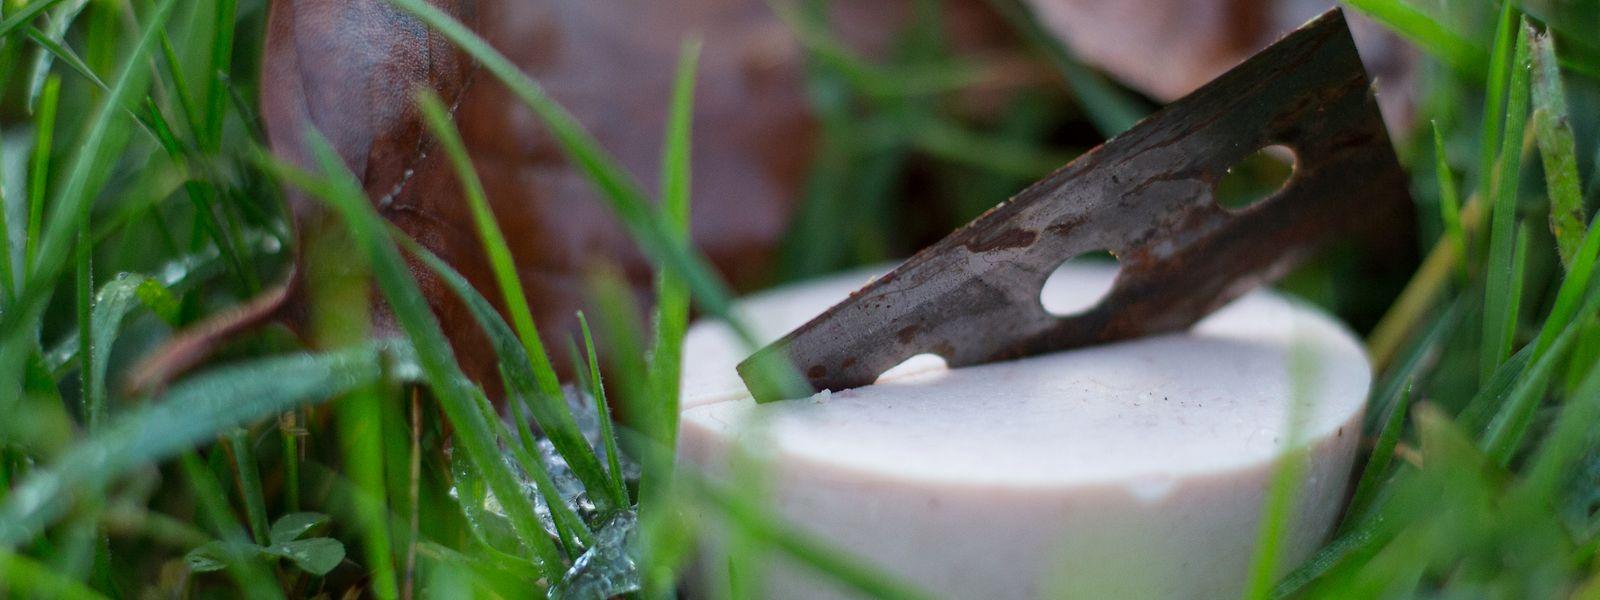 Ein mit einer Rasierklinge präpariertes Stück Fleischwurst liegt für Übungszwecke bei derAusbildung eines Giftköder-Suchhundes in einem Garten.